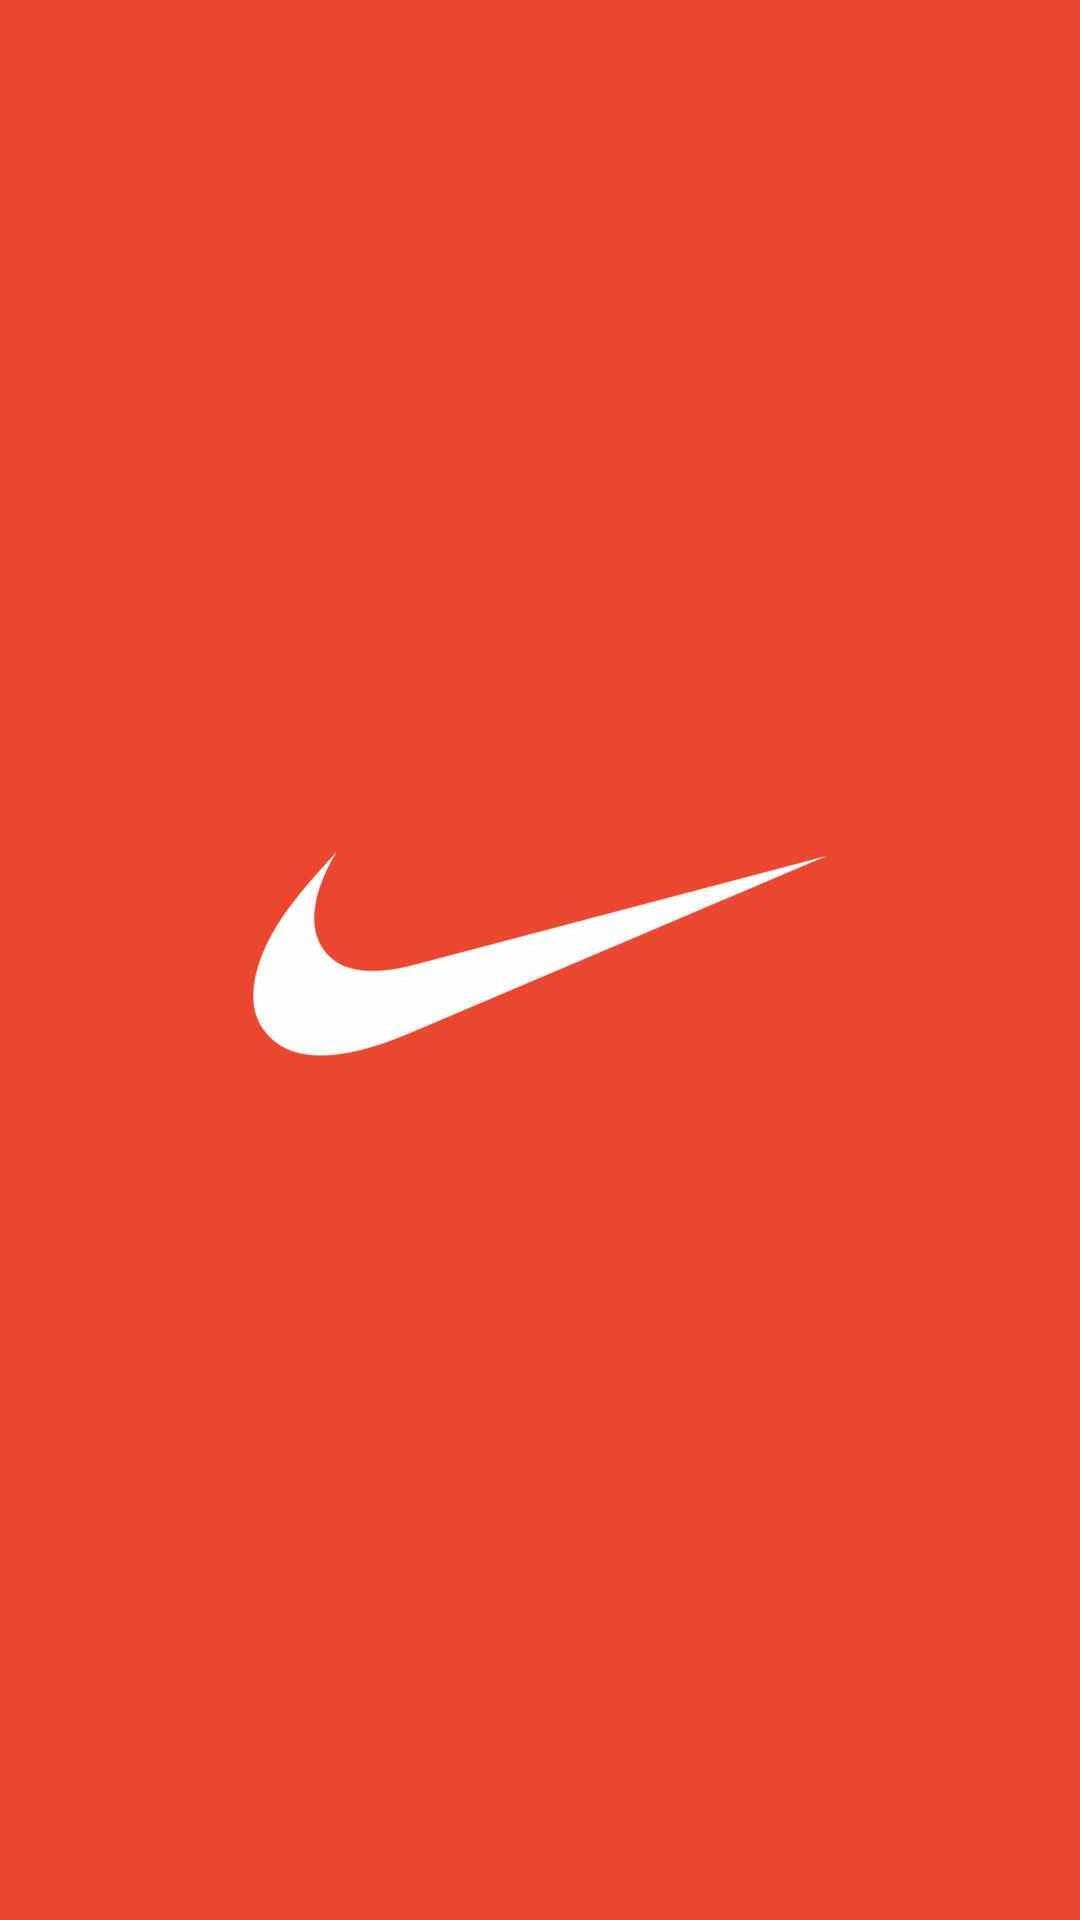 Epingle Par Moi Tout Simplement Sur Nike Avec Images Fond D Ecran Iphone Pastel Fond D Ecran Telephone Ecran De Verrouillage